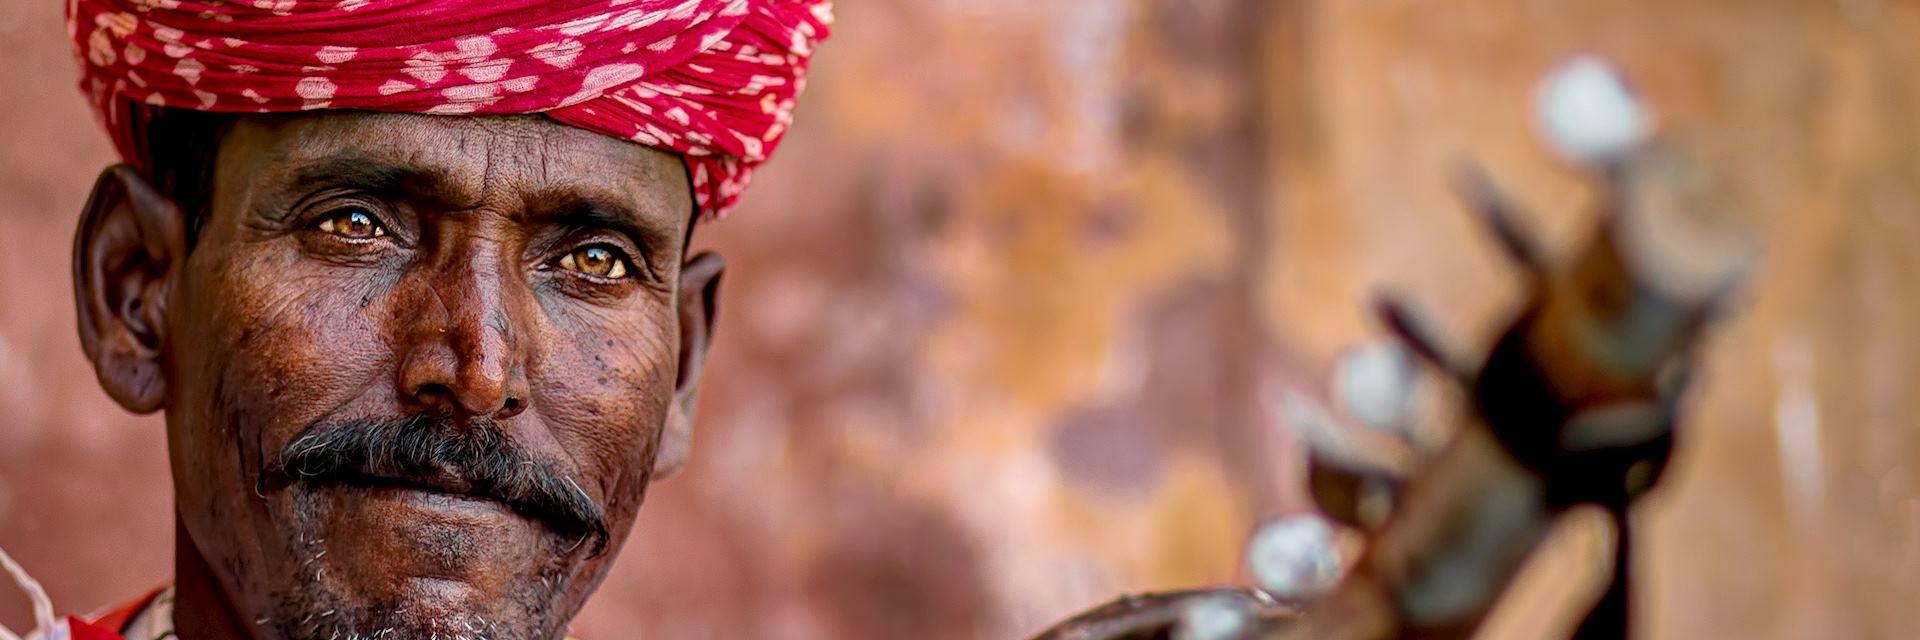 Old Indian man in Jaipur